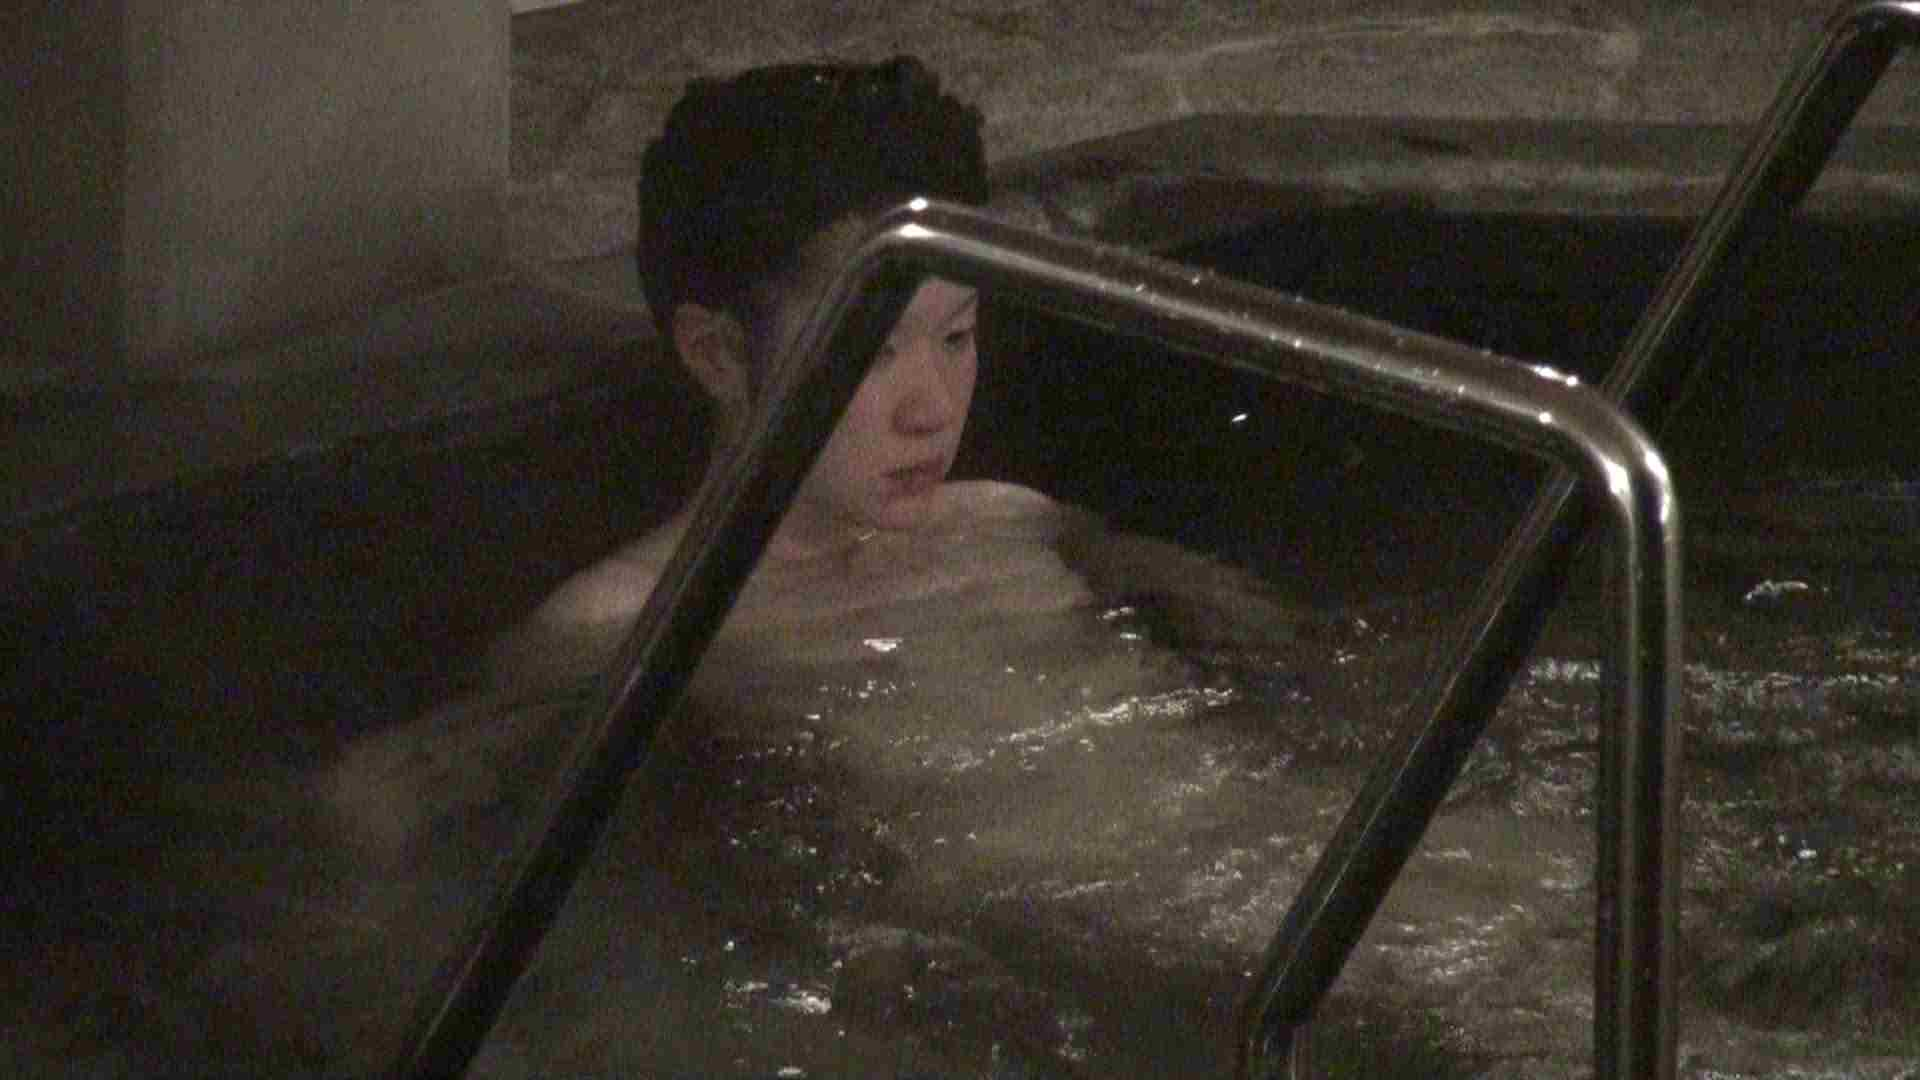 Aquaな露天風呂Vol.425 盗撮  105画像 45